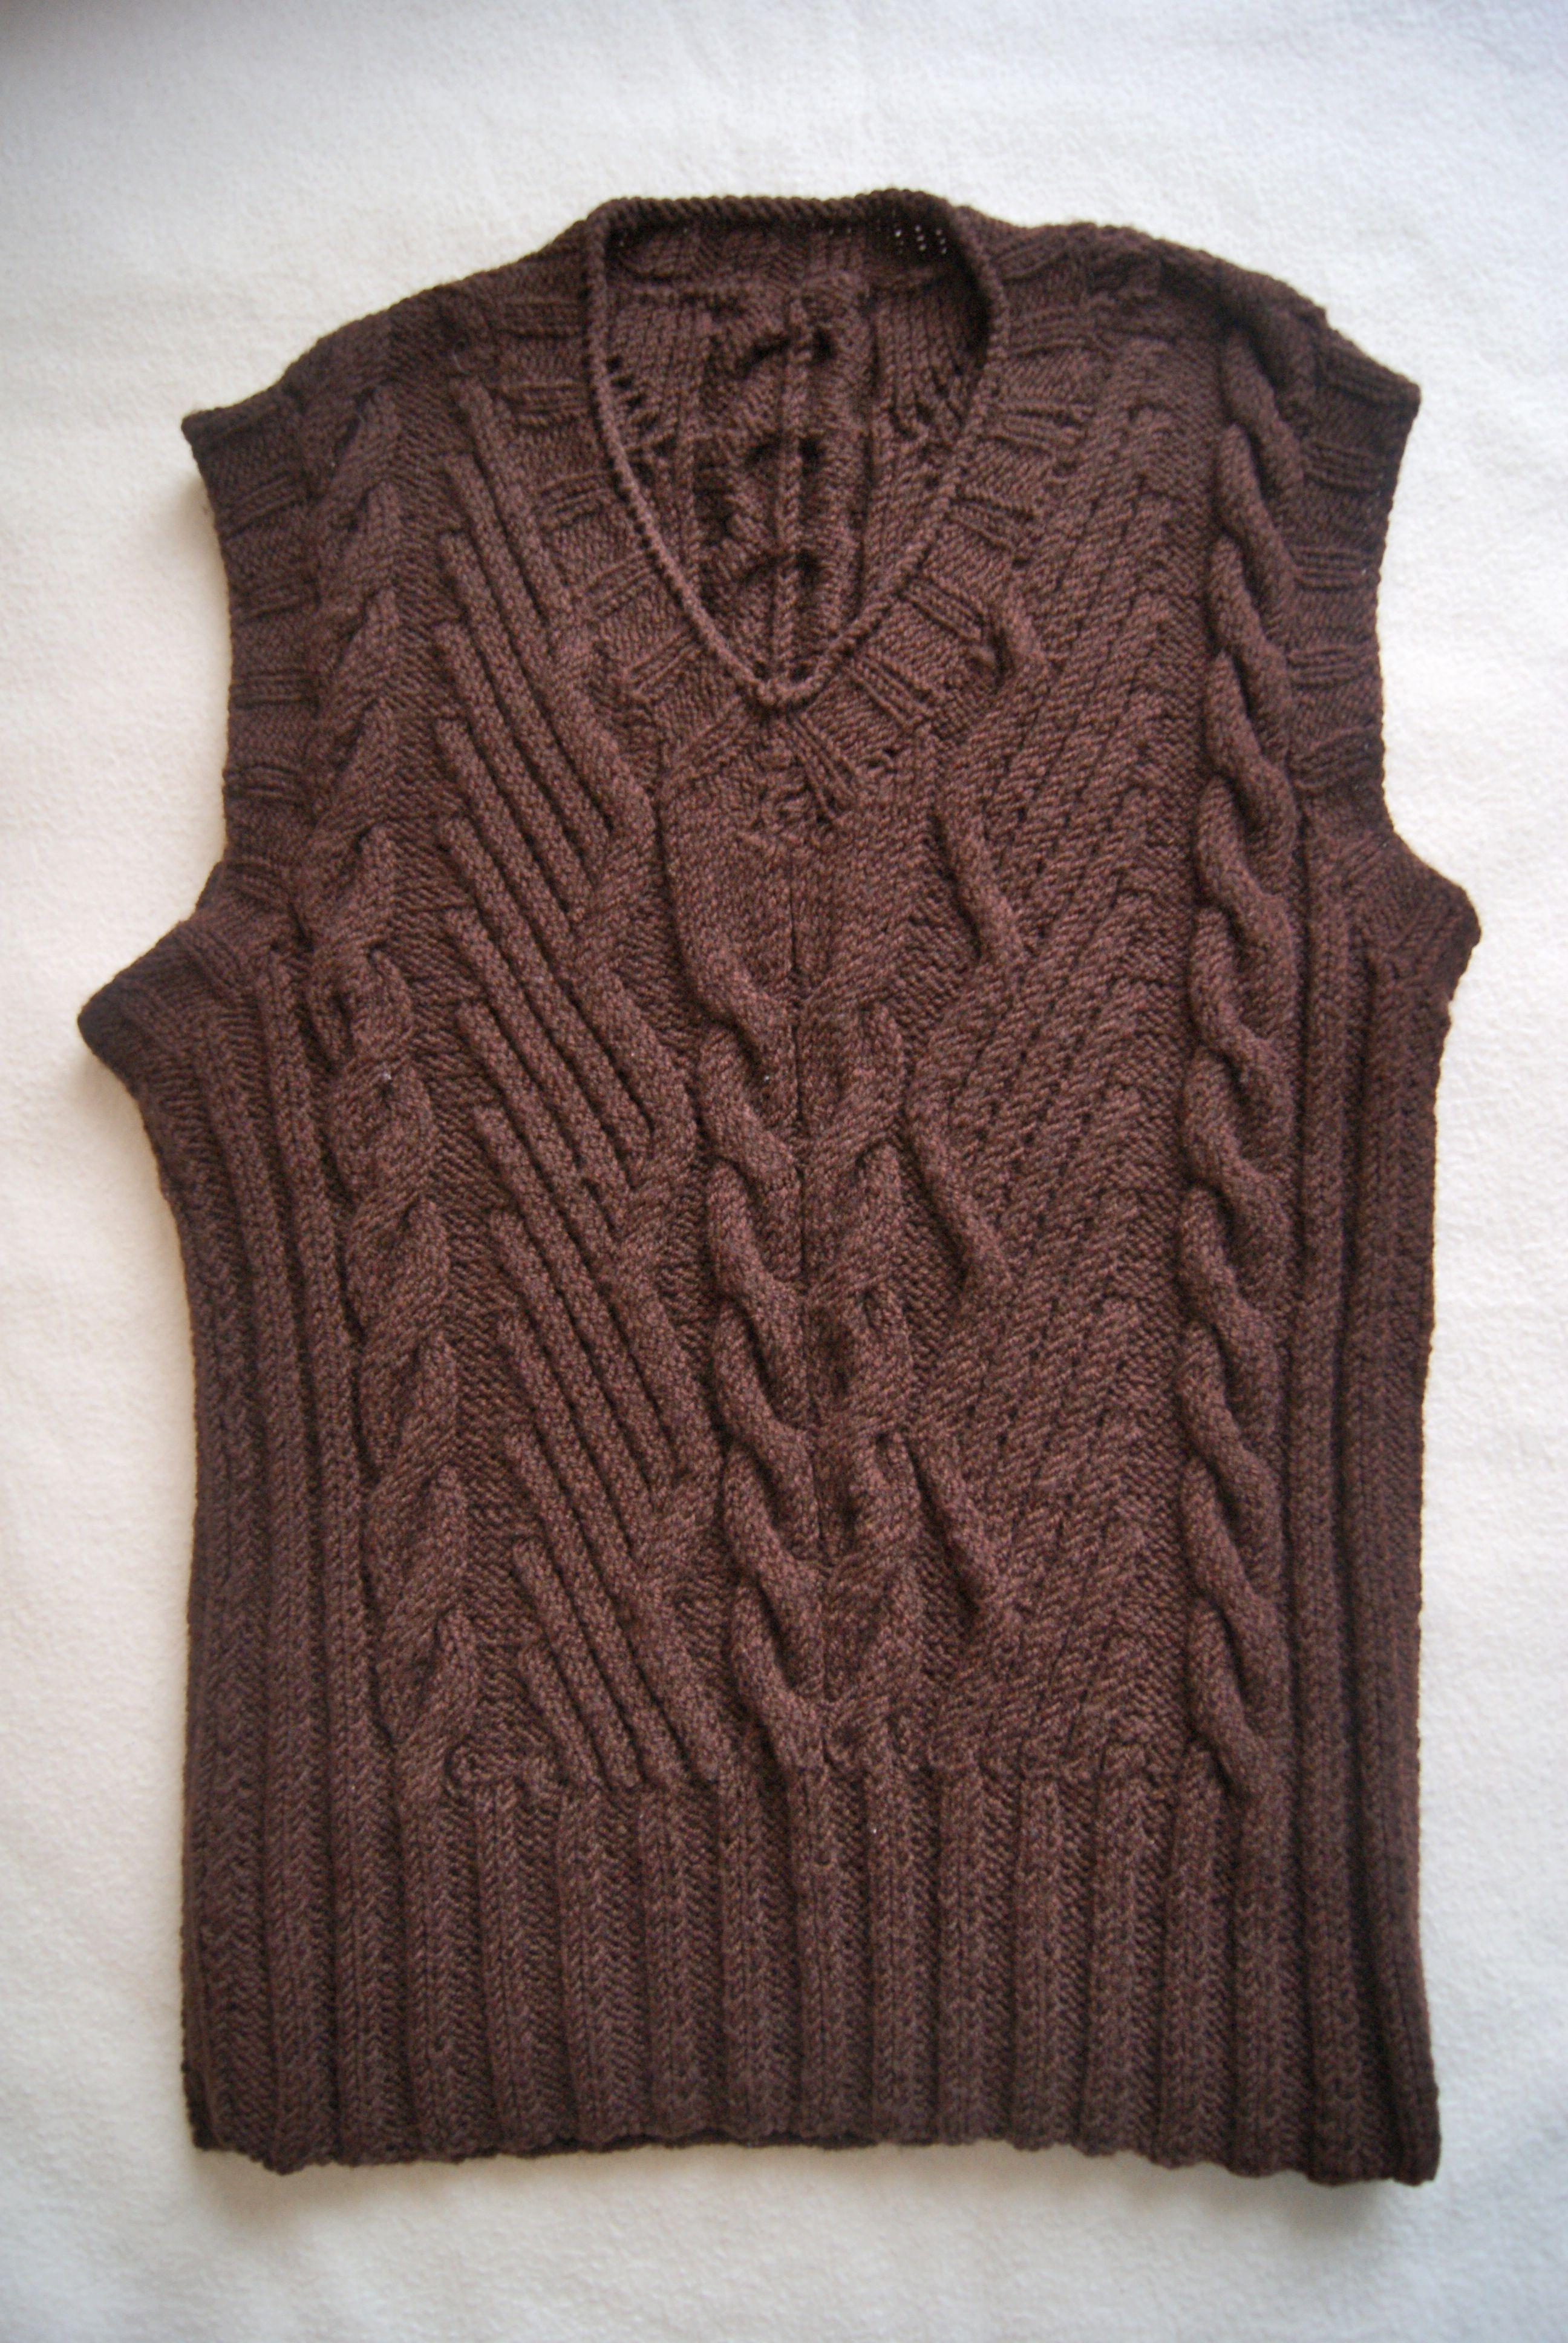 вязанаяодежда вязаниеназаказ женскаяодежда дляженщин мода вяжуназаказ вязание тепло жилетка стиль уют